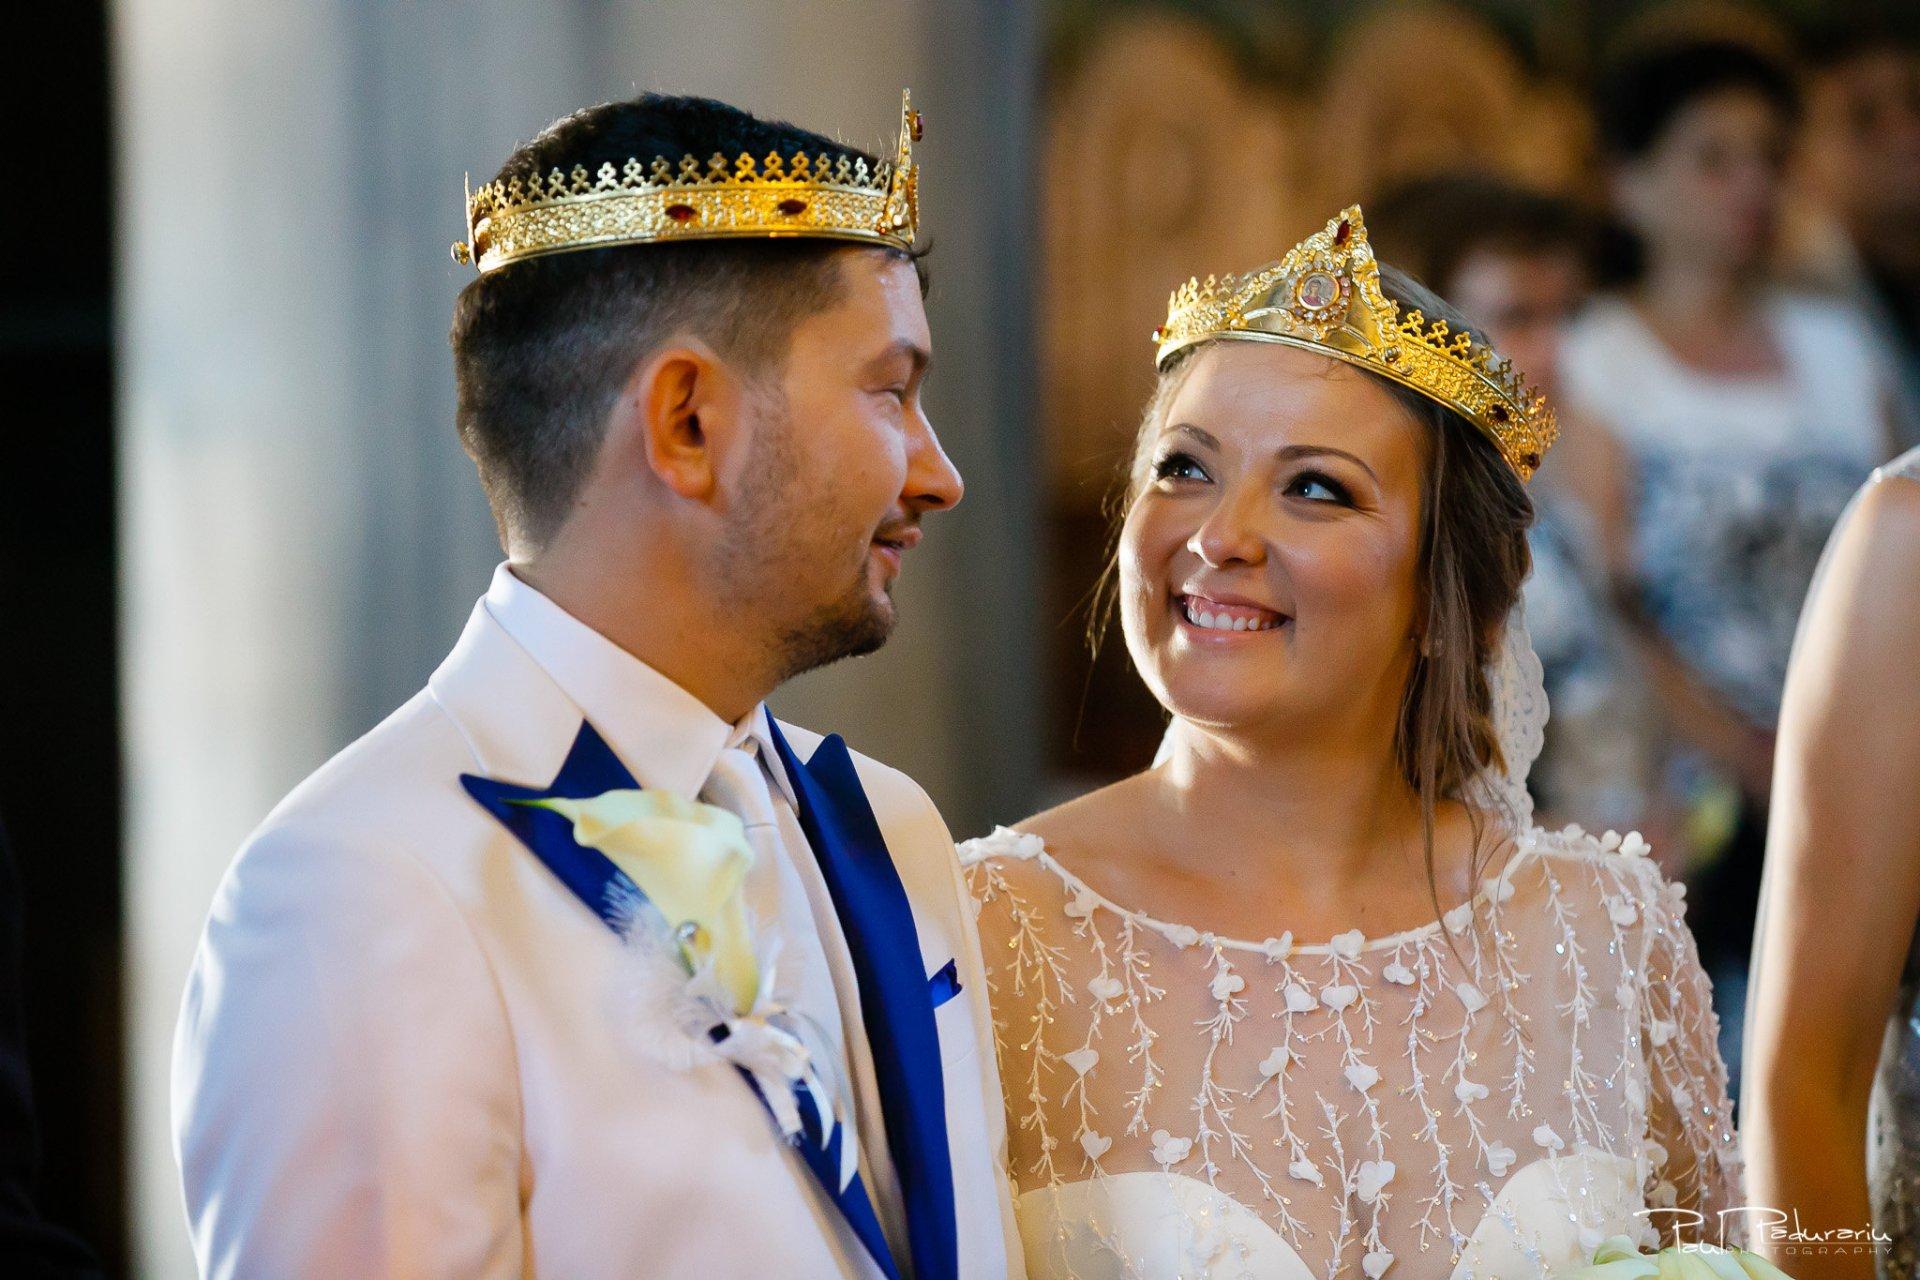 Cununia religioasa nunta Ema si Tudor fotograf de nunta iasi www.paulpadurariu.ro © 2017 Paul Padurariu miri in timpul slujbei zambet